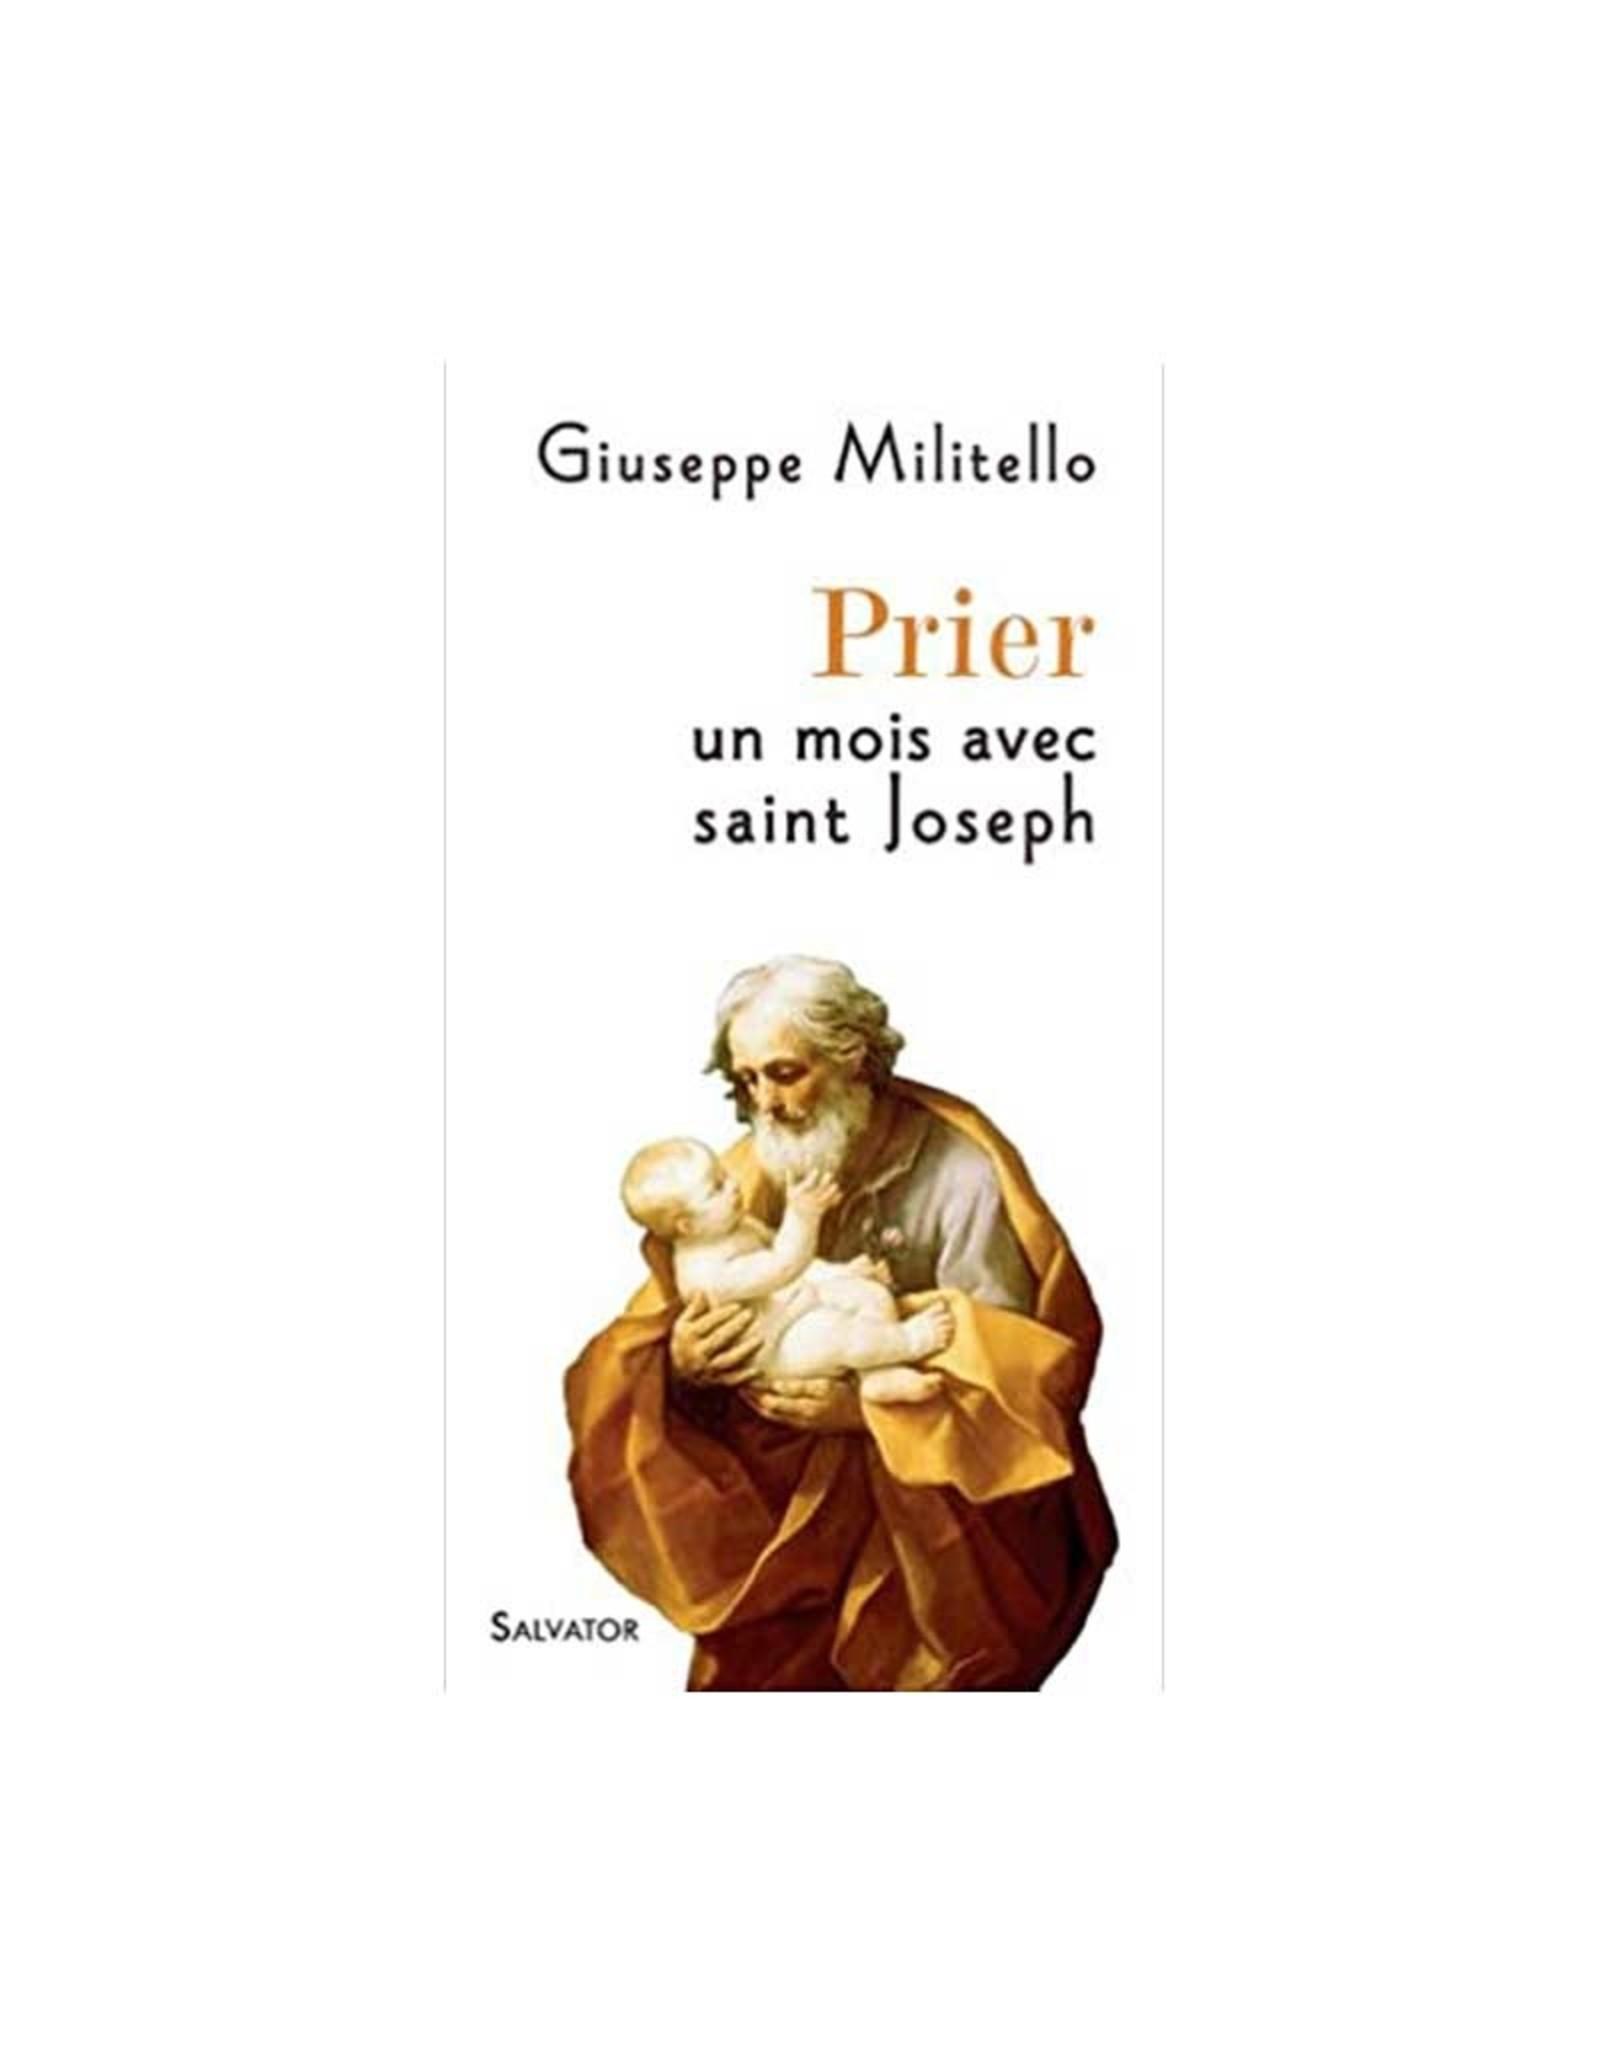 Prier un mois avec saint Joseph (french)